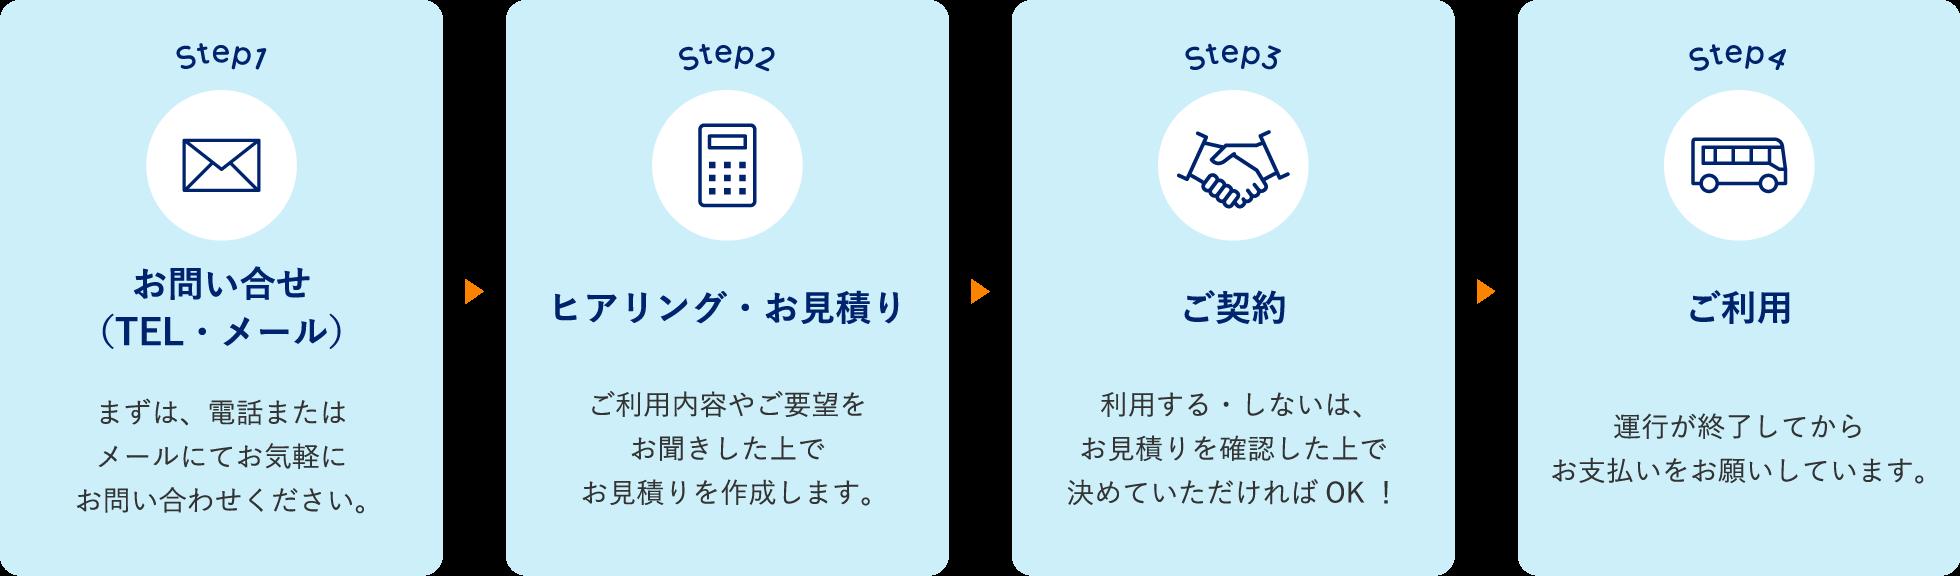 お問い合せ(TEL・メール) / ヒアリング・お見積り / ご契約 / ご利用